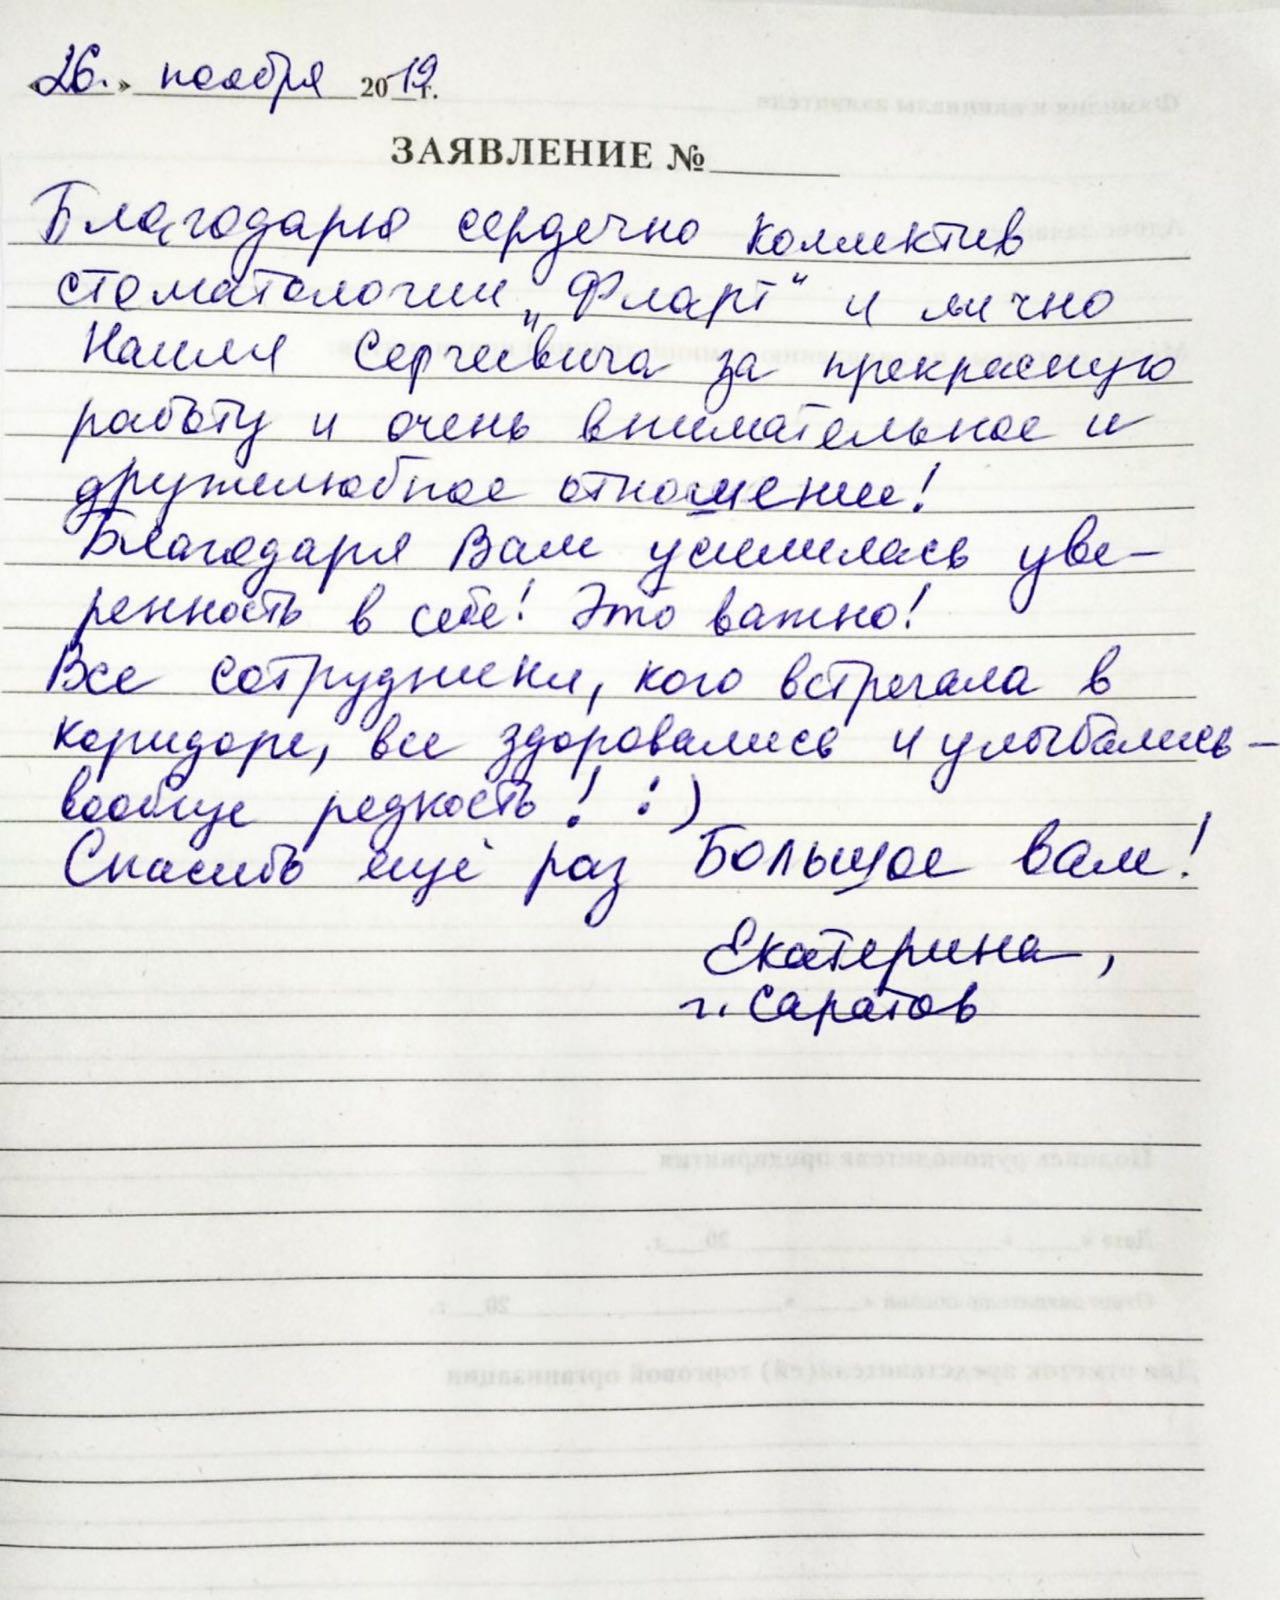 <em>Редактировать Отзыв</em> Екатерина Ивановна. Стоматология Фларт